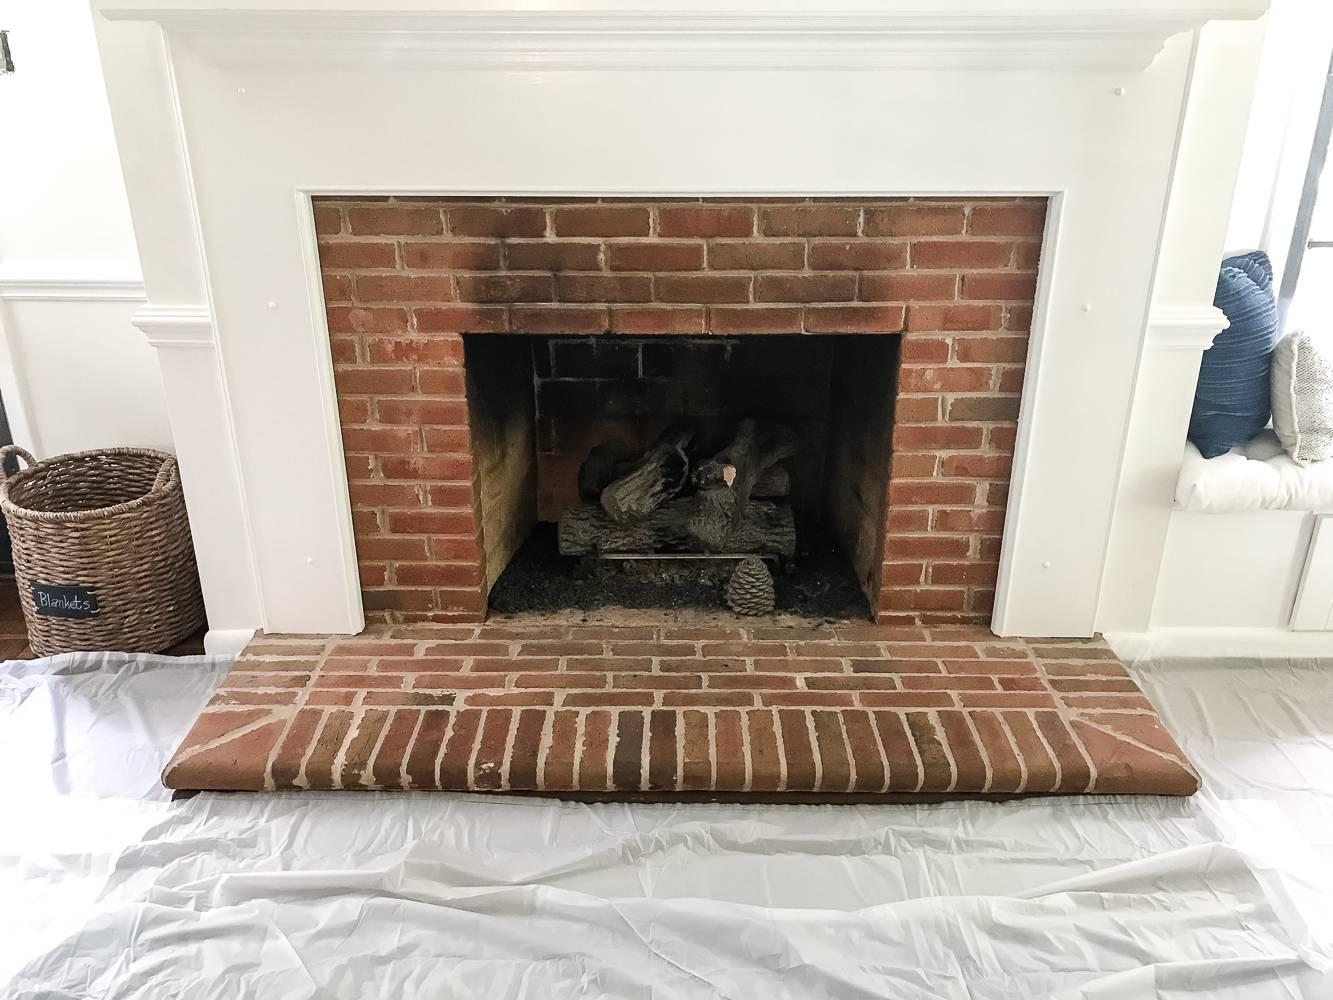 Плитка для печи (49 фото): огнеупорная и жаростойкая керамическая облицовочная плитка для каминов и печей, использование жаропрочной облицовки